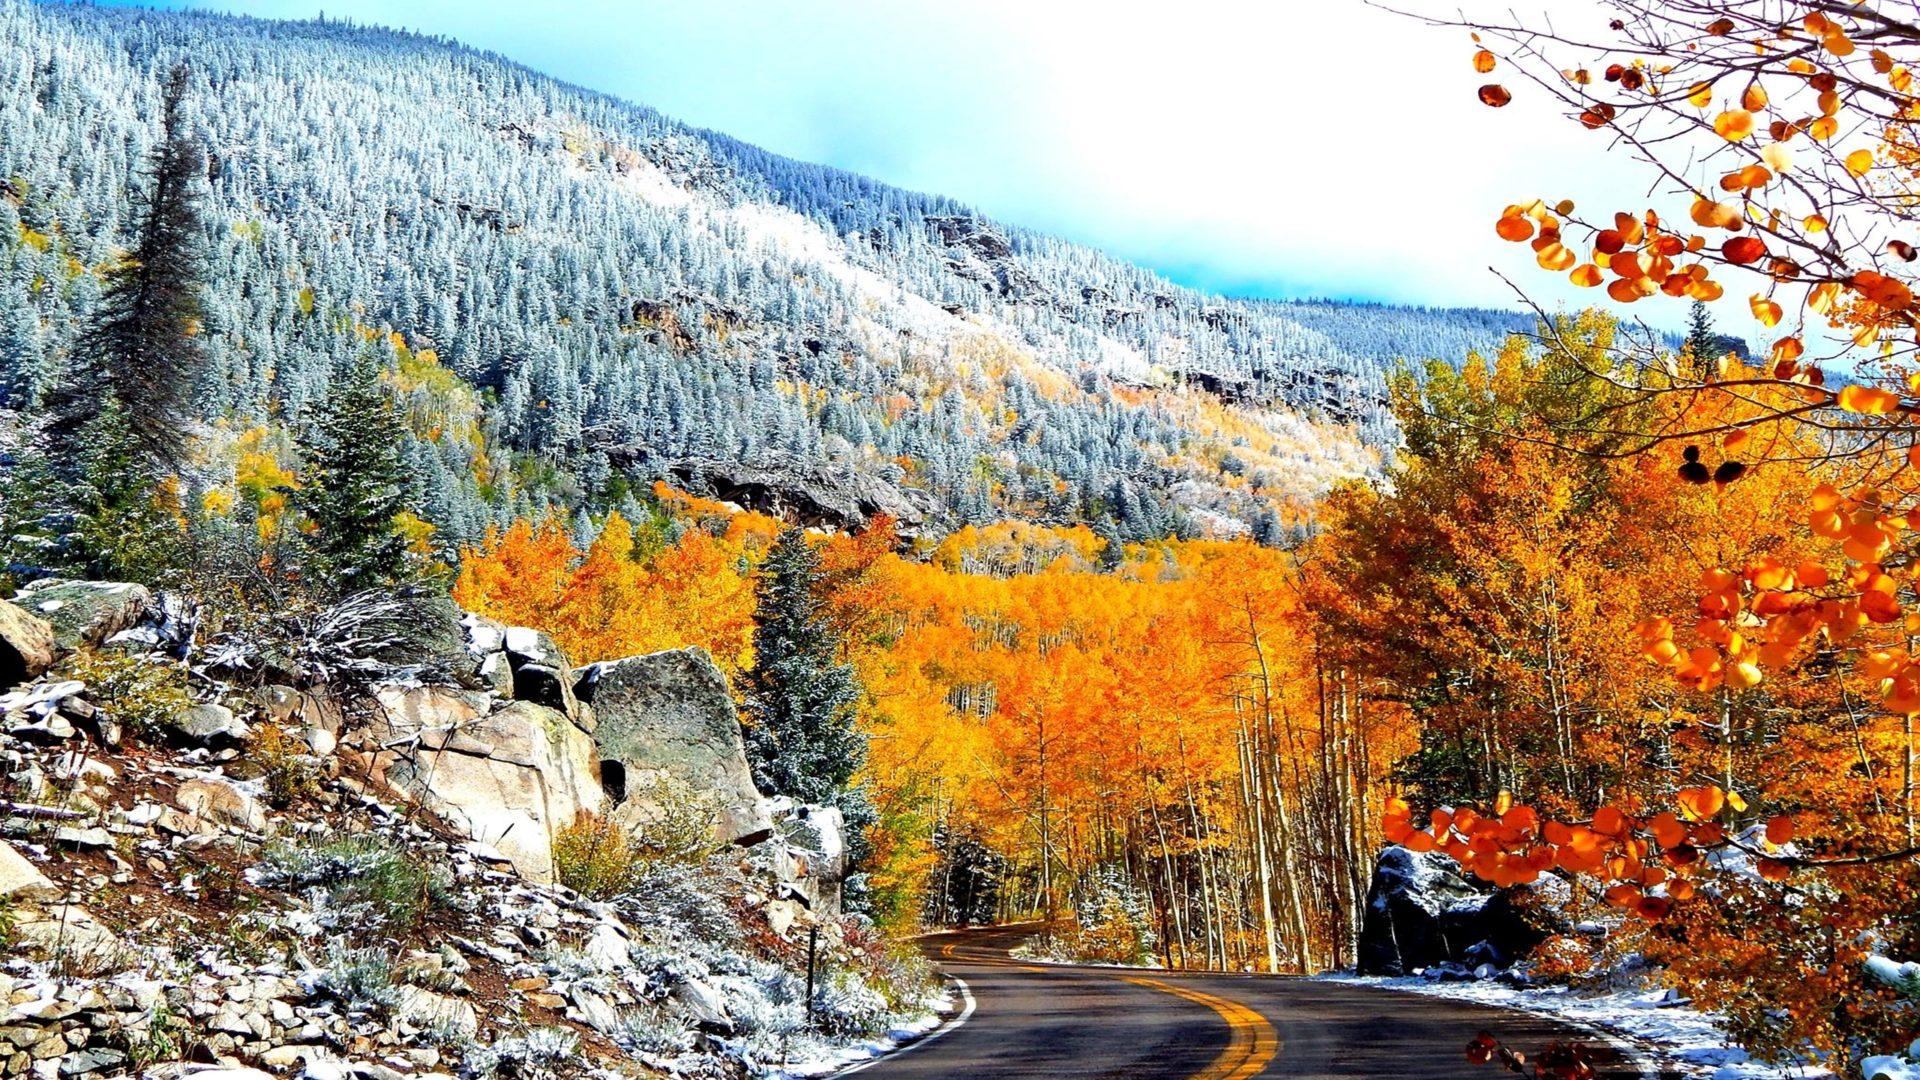 Fall Colors Desktop Wallpaper Colors Of Aspen Colorado Road Fall Trees Hd Wallpaper